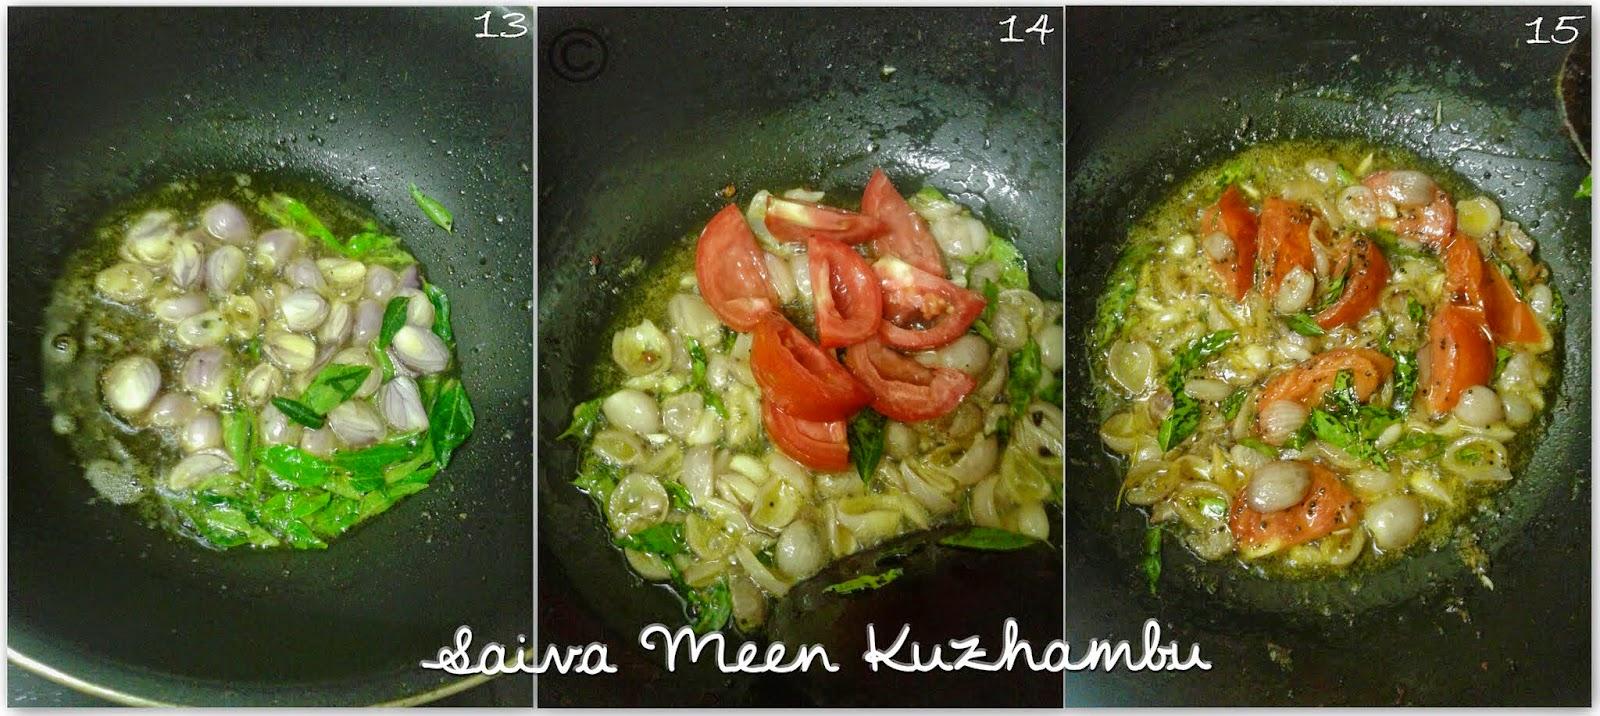 saiva-meen-kuzhambu-recipe